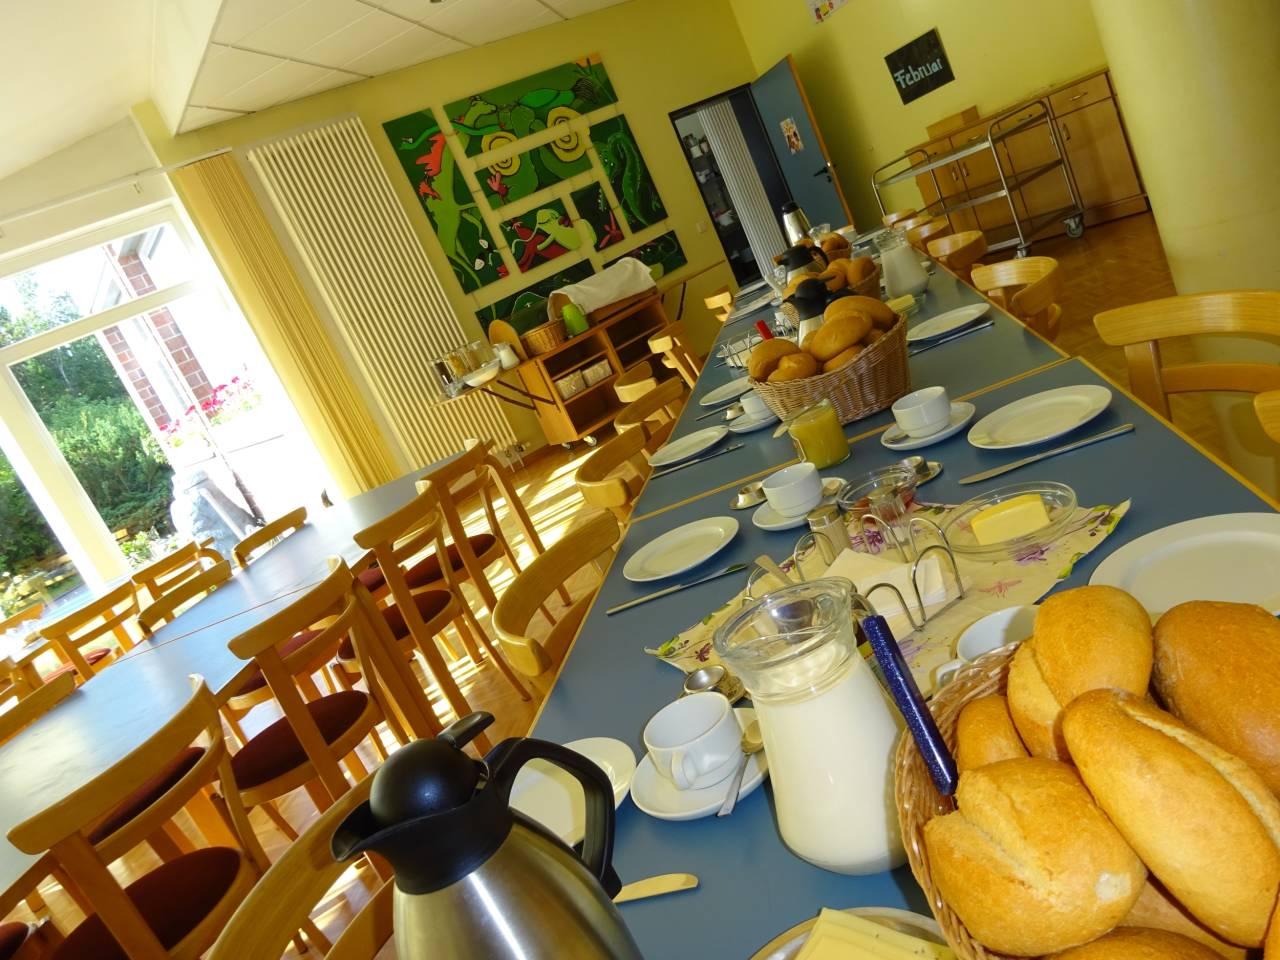 Frühstückstisch im Jugendhaus mit Brötchen, Kaffee, Milch, Aufstriche, Käse- und Wurstauswahl usw.